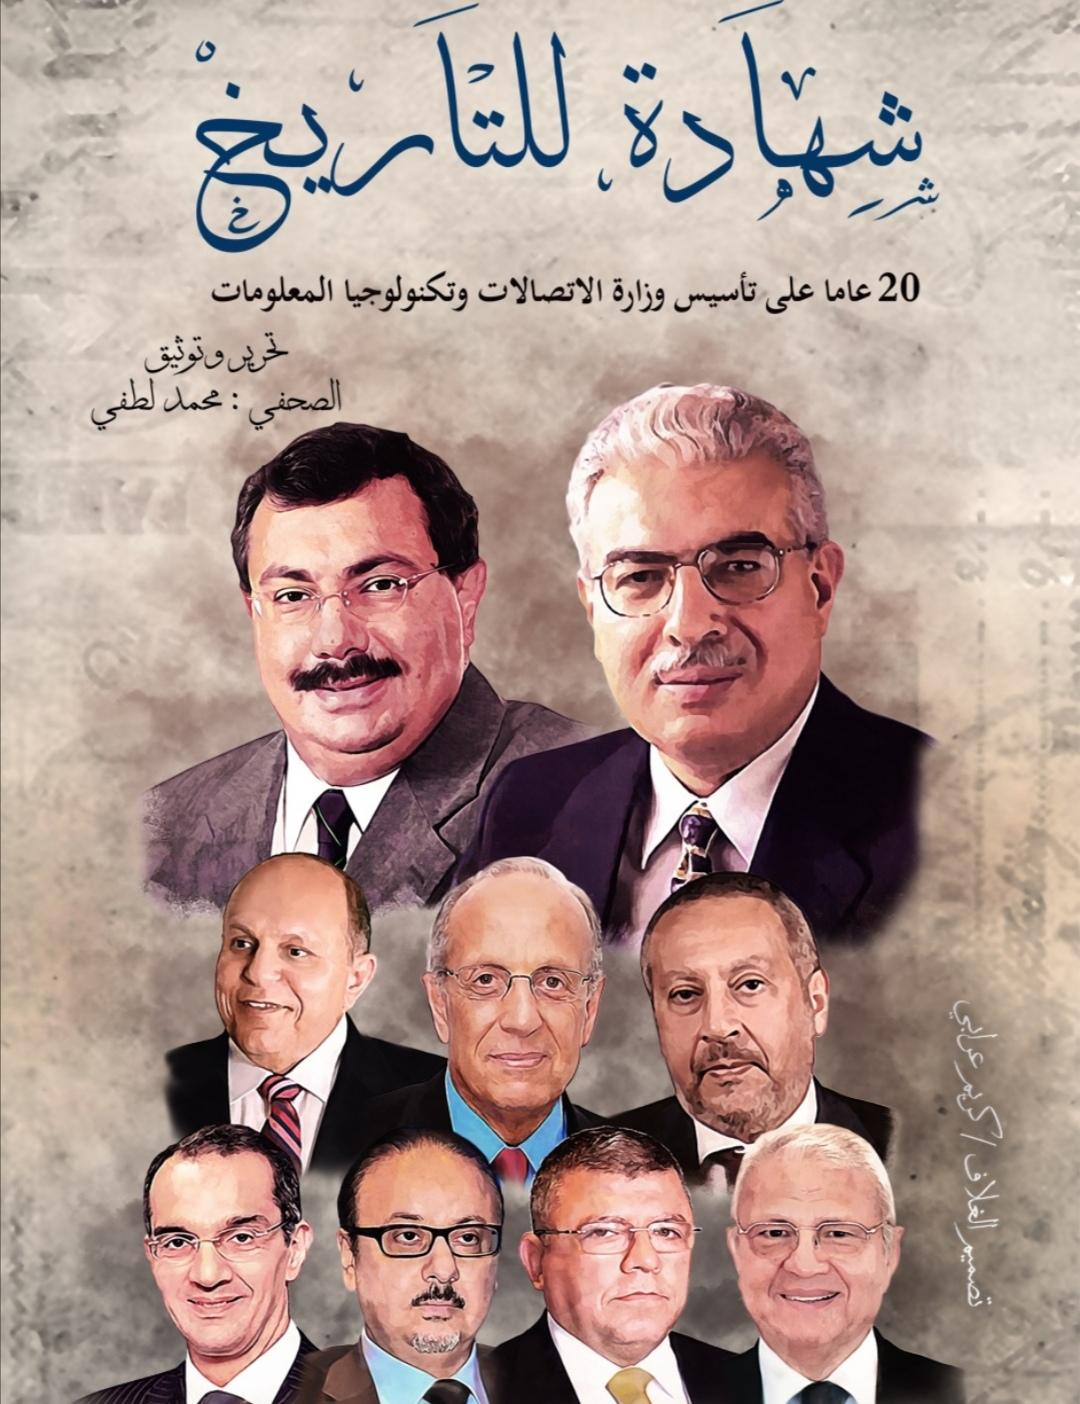 كتاب جديد للزميل محمد لطفي .بمناسبة مرور ٢٠ عاما علي انشاء وزارة الاتصالات